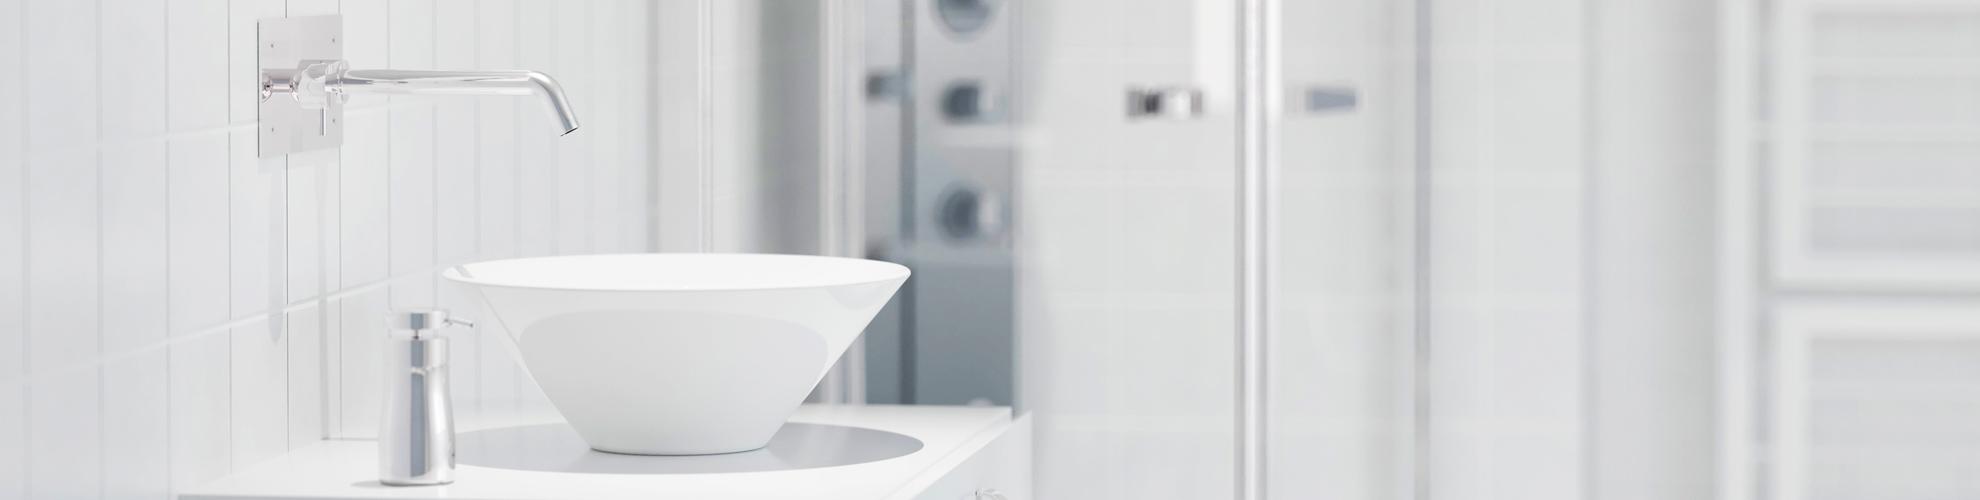 Badrumsrenovering Stockholm | Vi är specialister på badrum